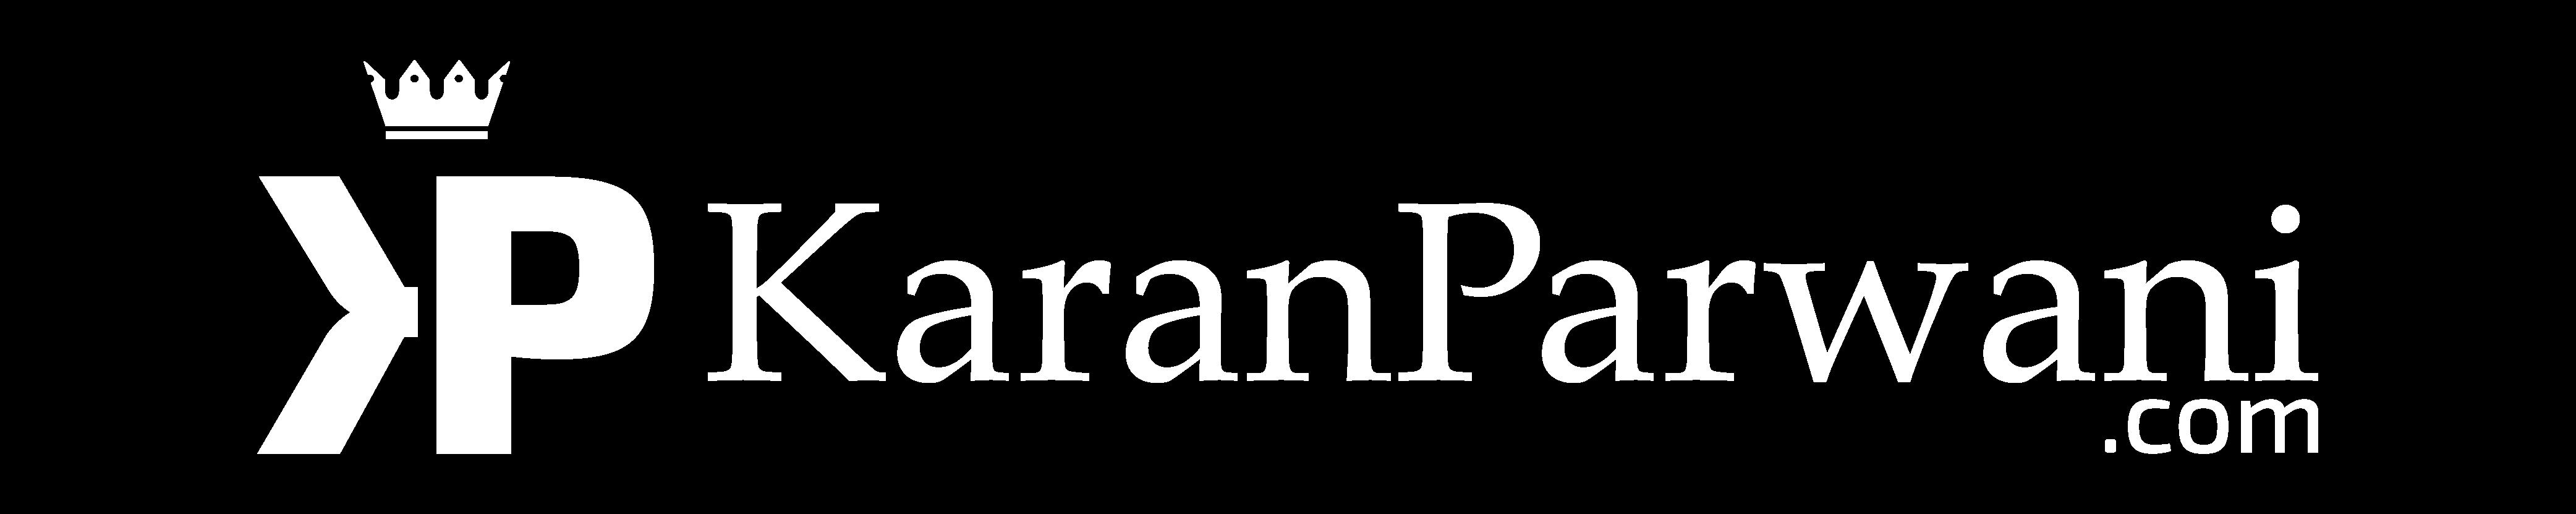 KaranParwani.com